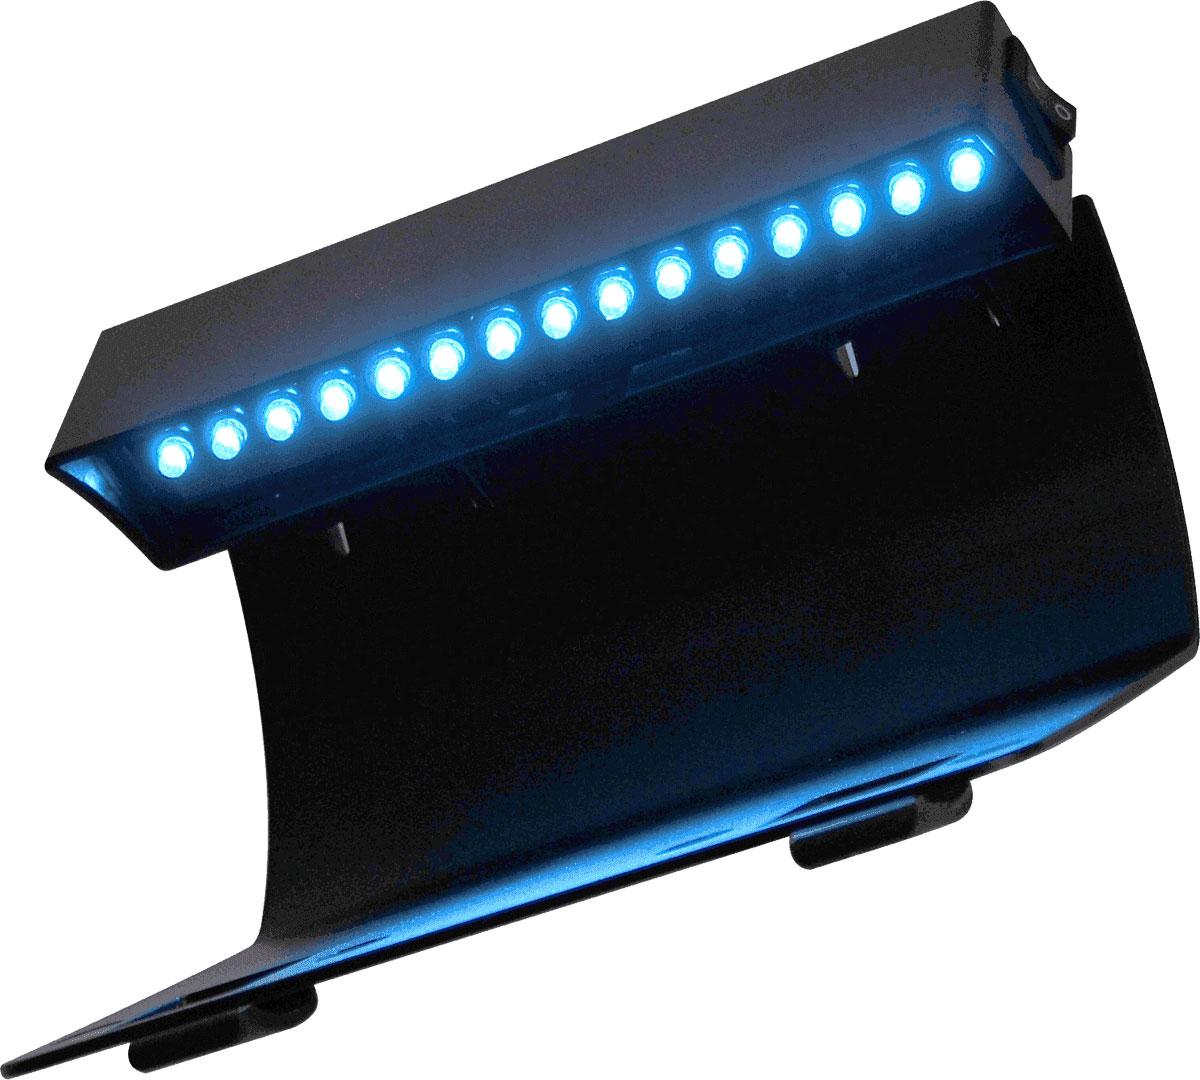 Manhasset 1060 - Lampe Noire A Led Pour Pupitre